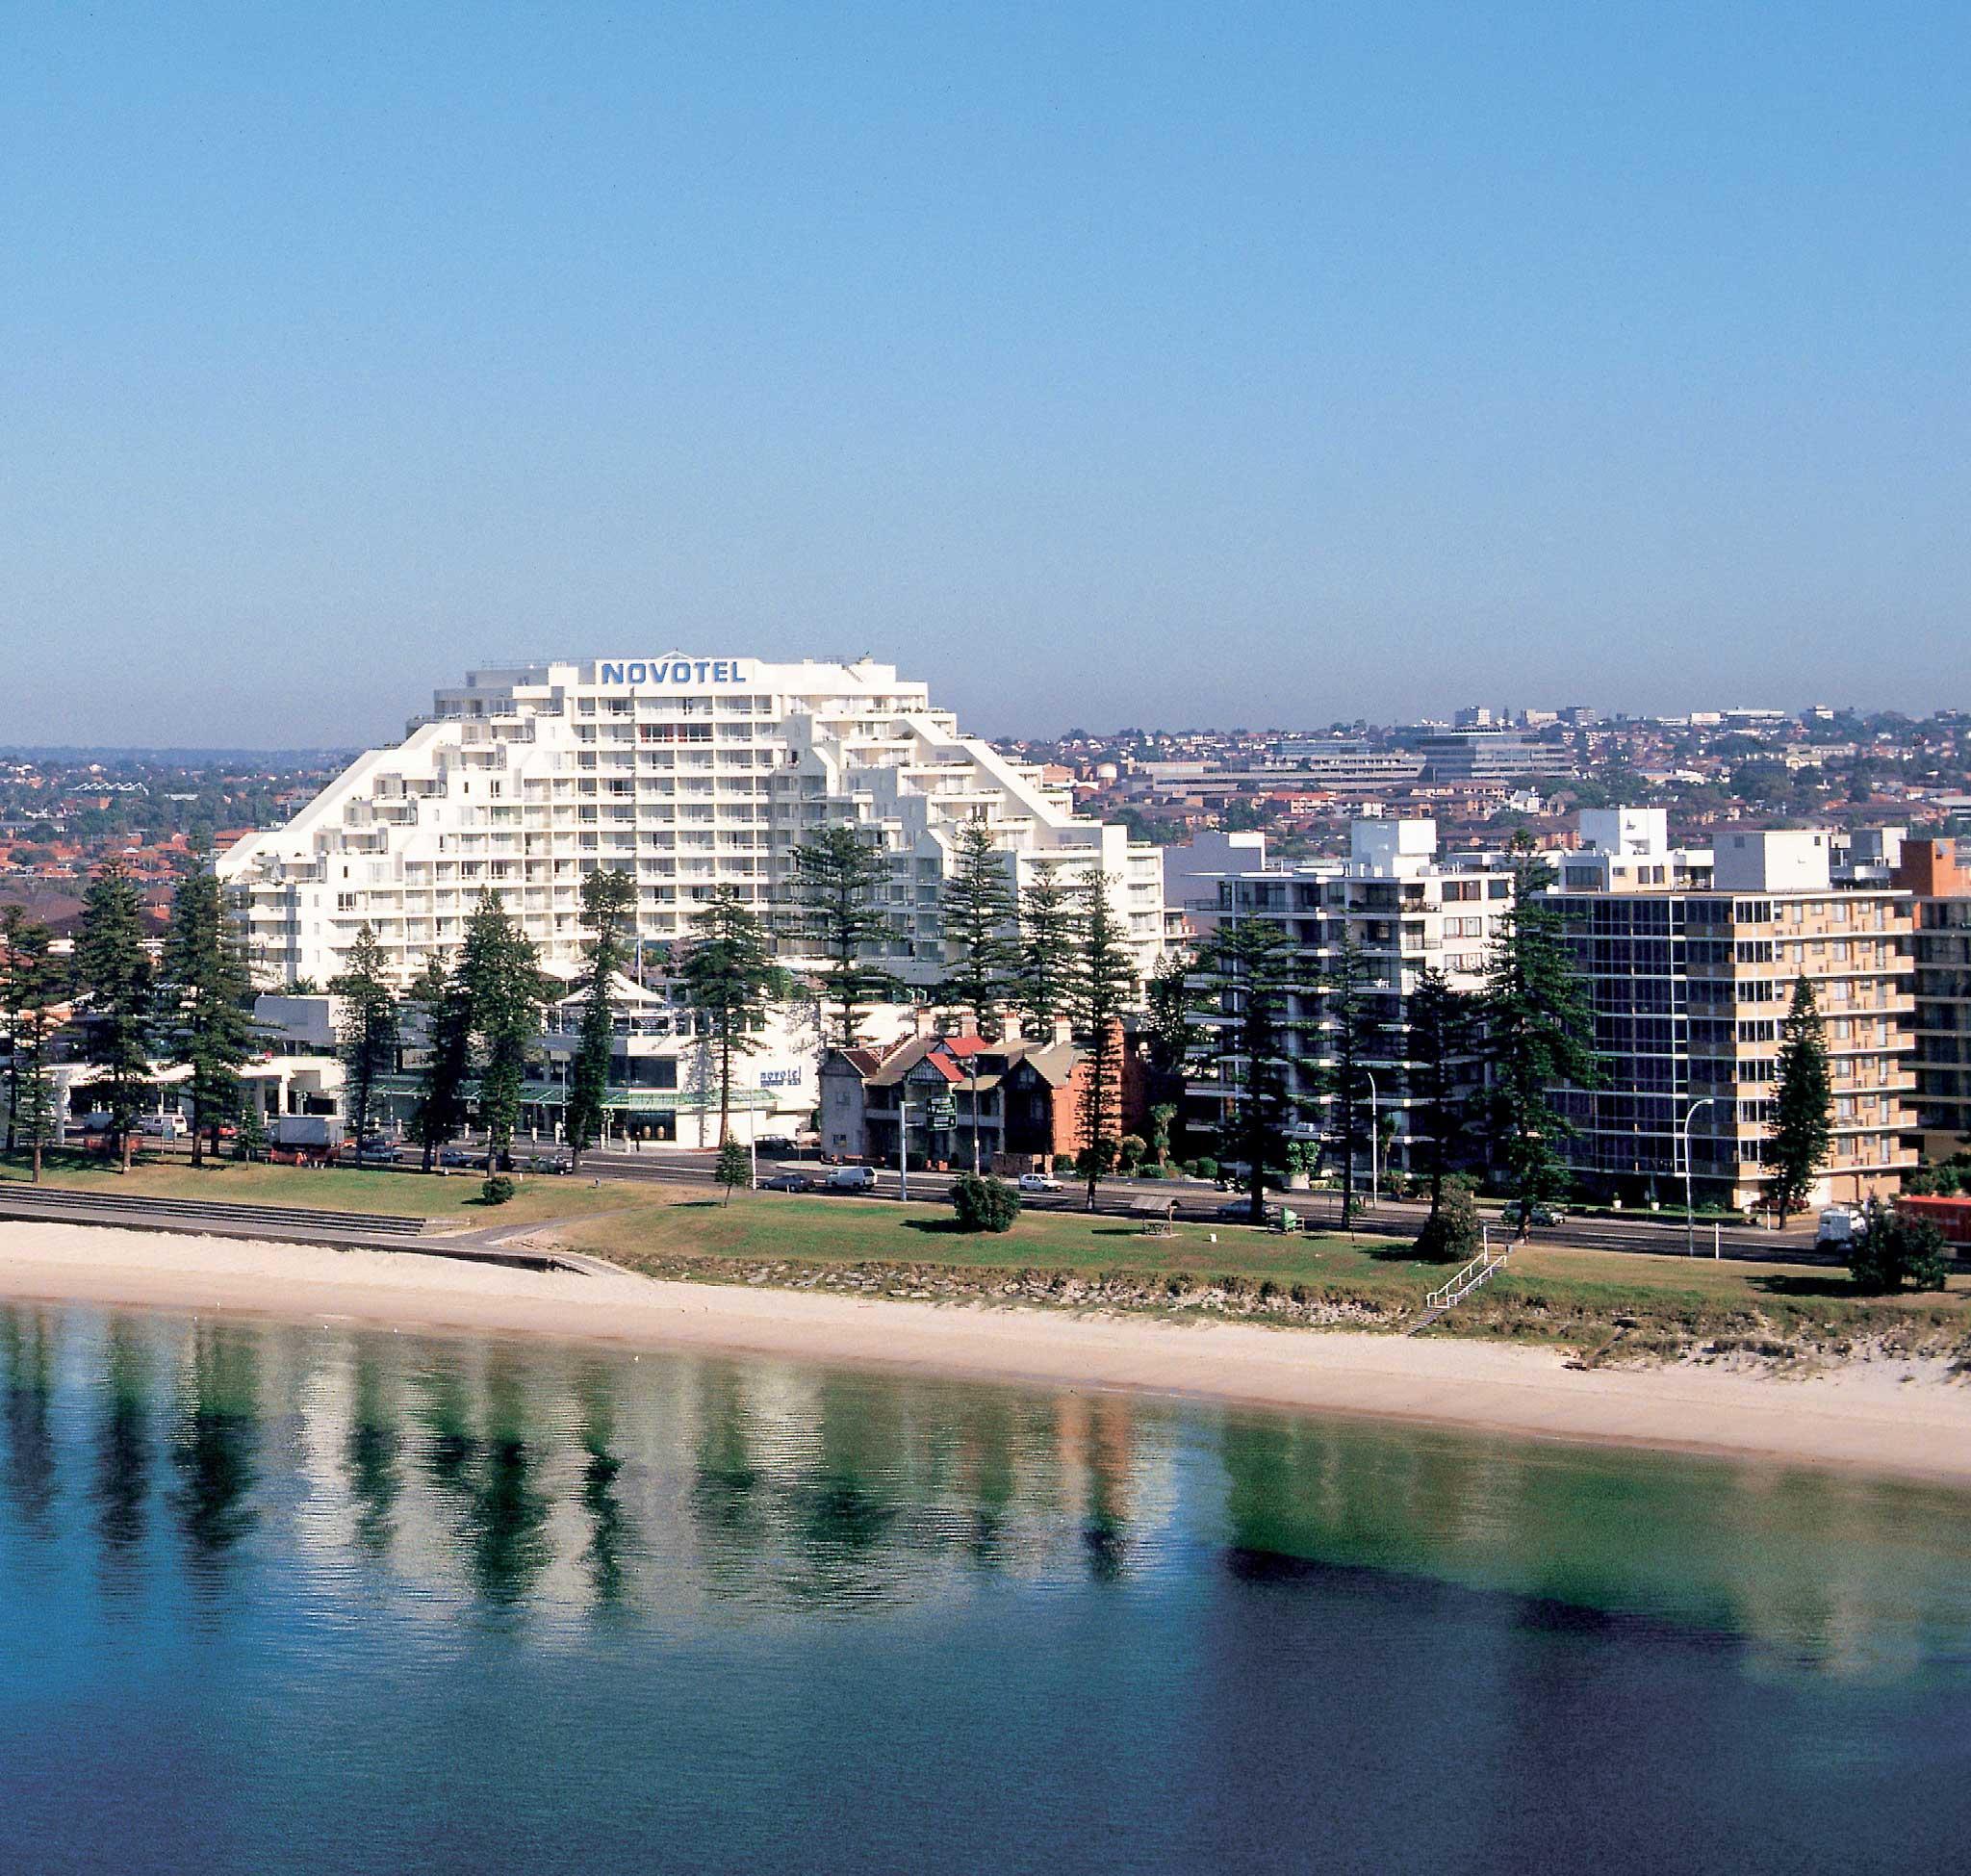 Hotel Di Novotel Sydney Brighton Beach Novotel Sydney Brighton Beach